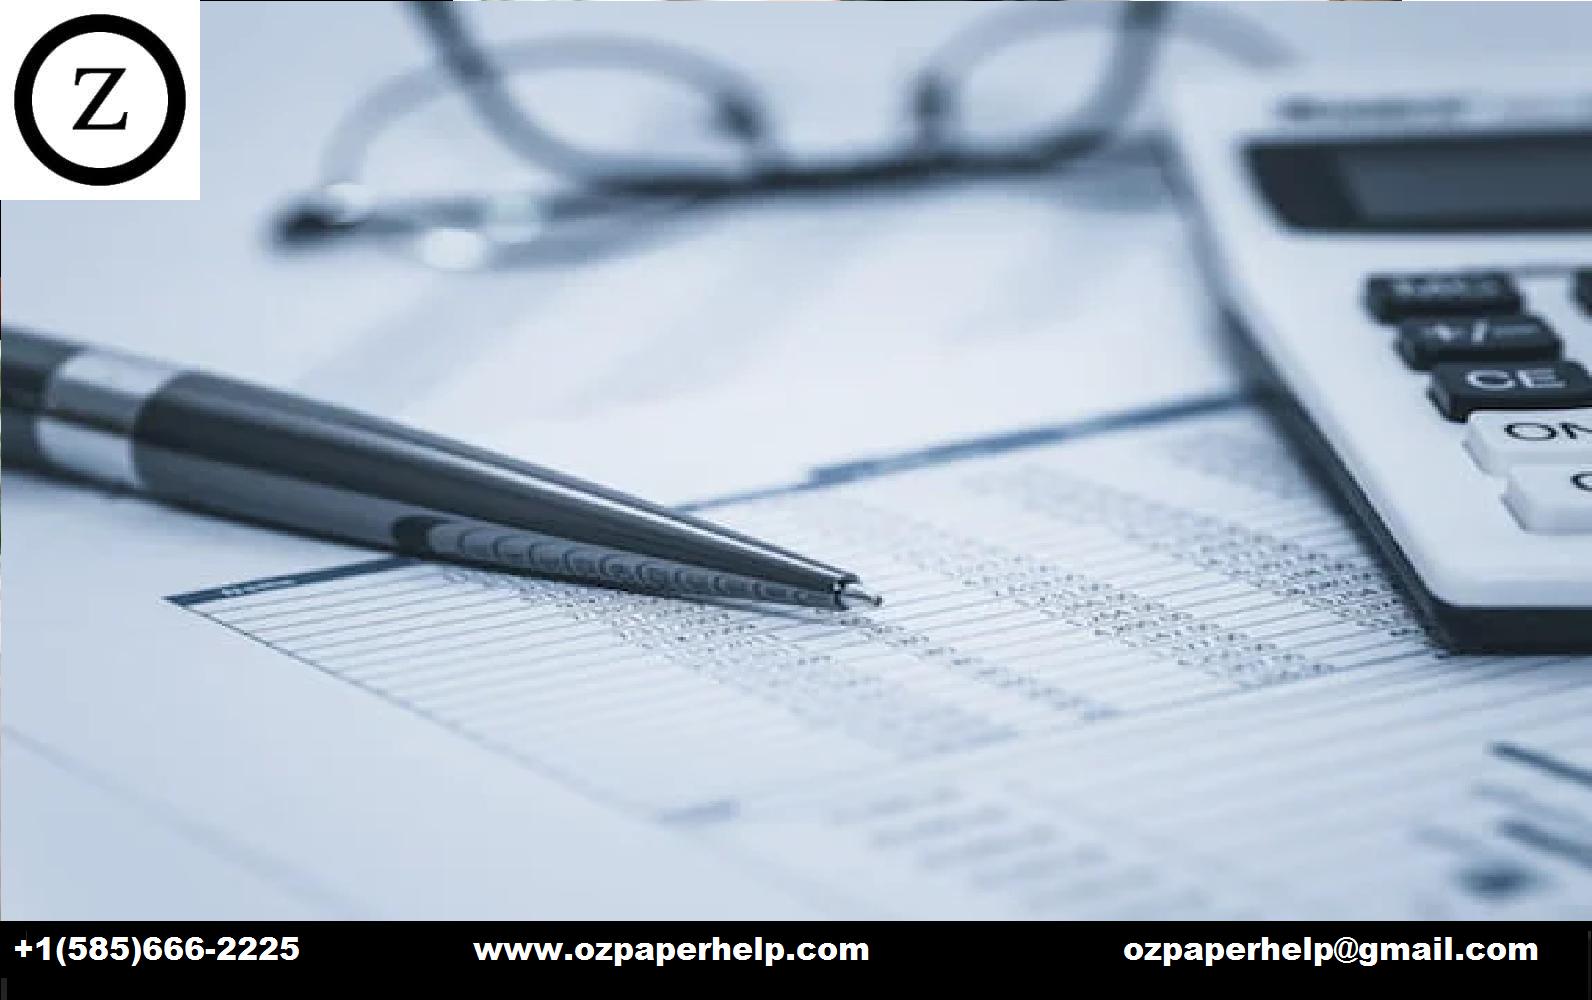 Shareholder Information Assignment Help